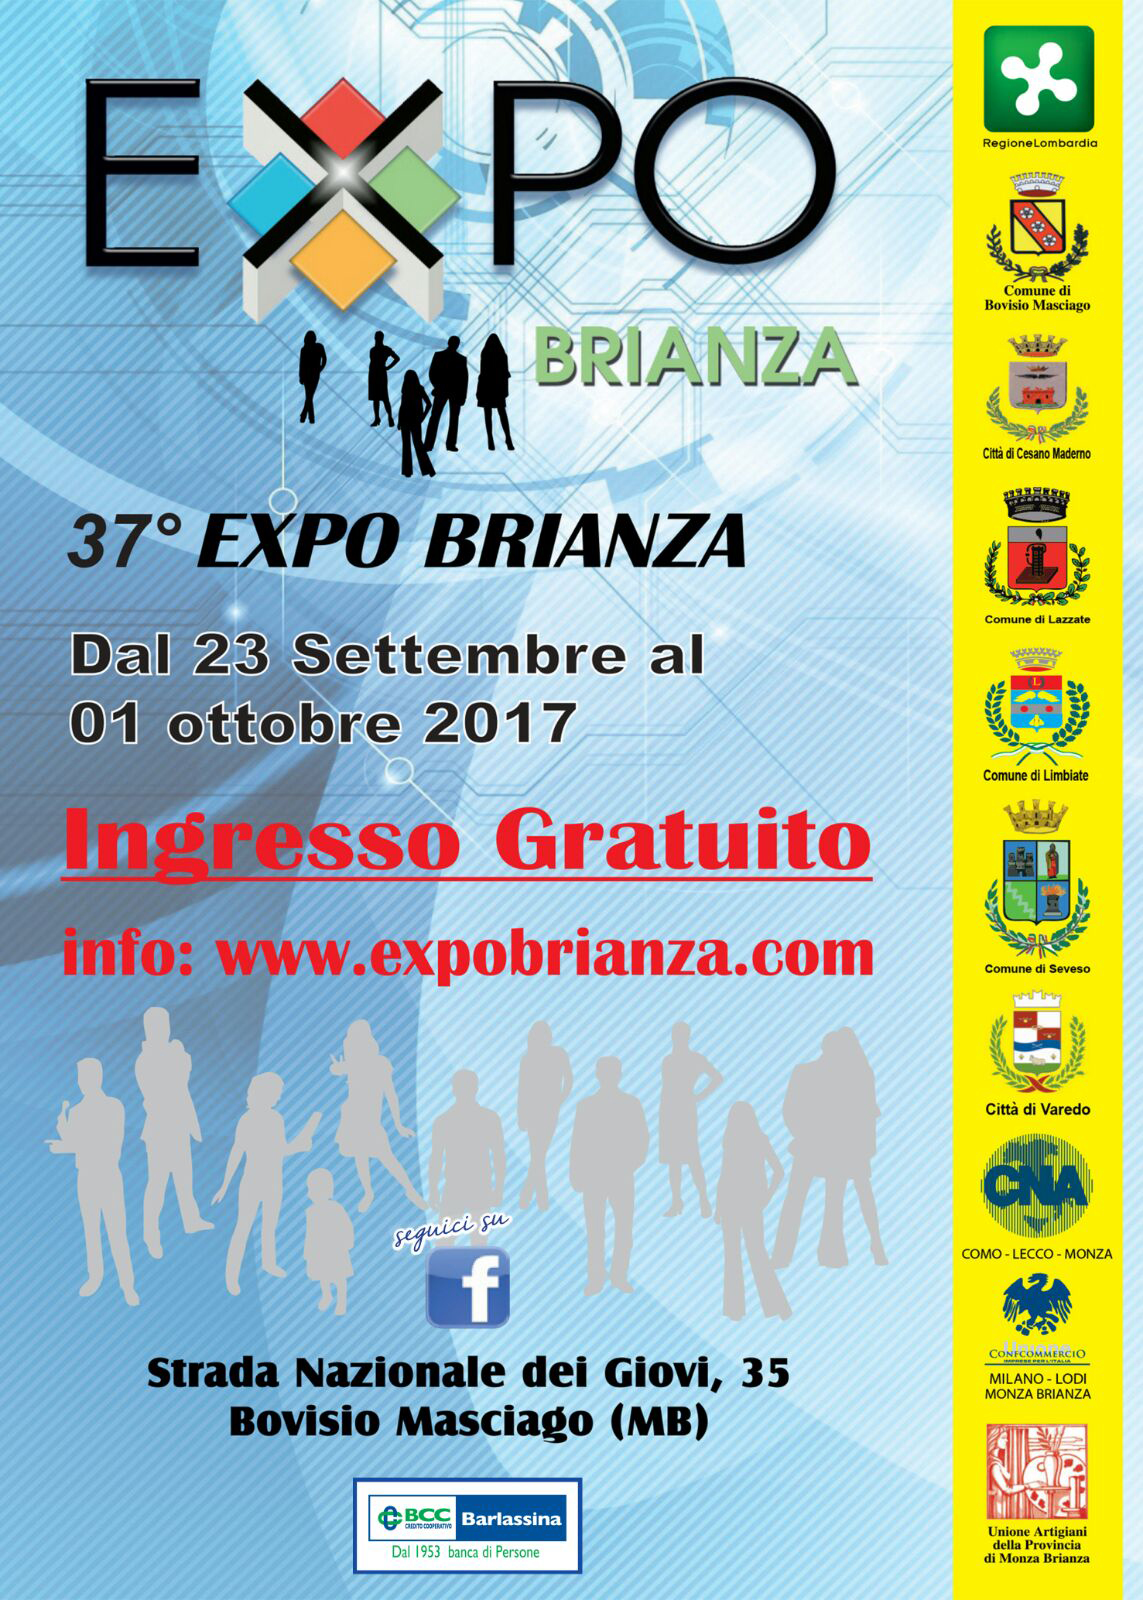 expo brianza 2017 locandina